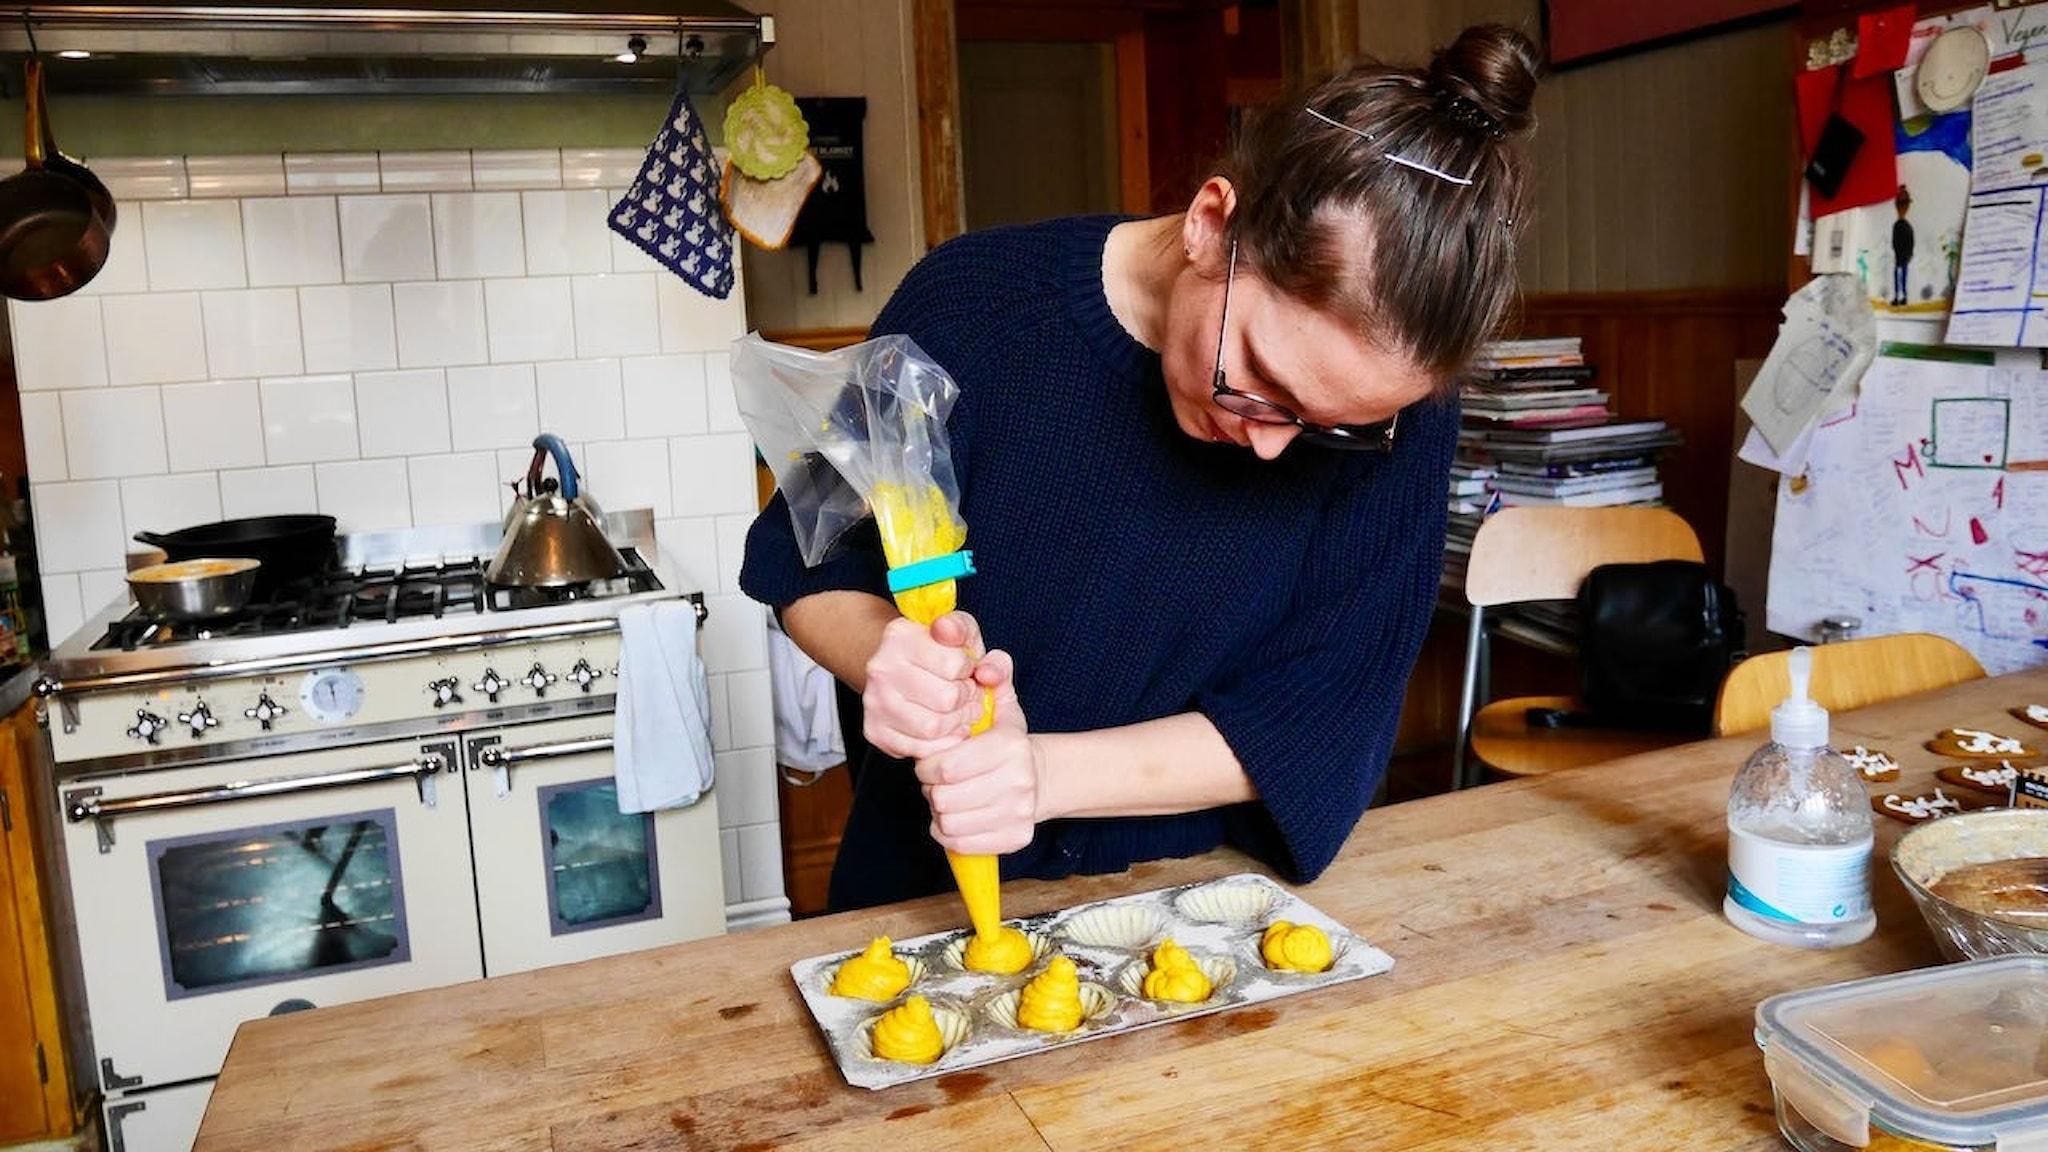 Karolina Tegelaar gör madeleines. Ha en sprits med smet i kylen, spritsa ut i formen och baka av när gästerna anlänt (eller när suget faller på).